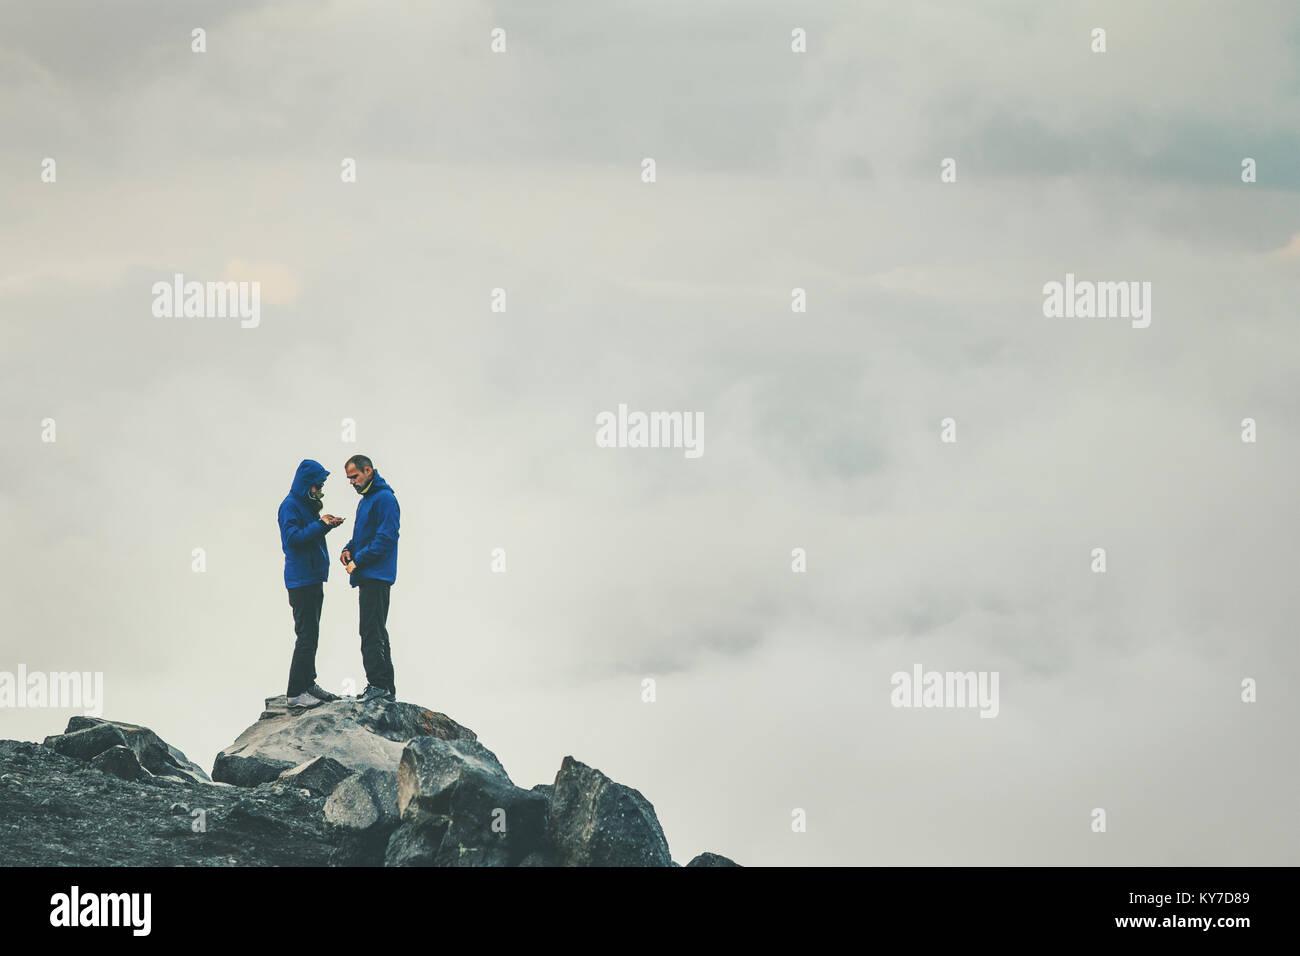 Par viajeros en amor de pie sobre el acantilado juntos disfrutando nublado brumosas montañas paisaje Lifestyle Imagen De Stock